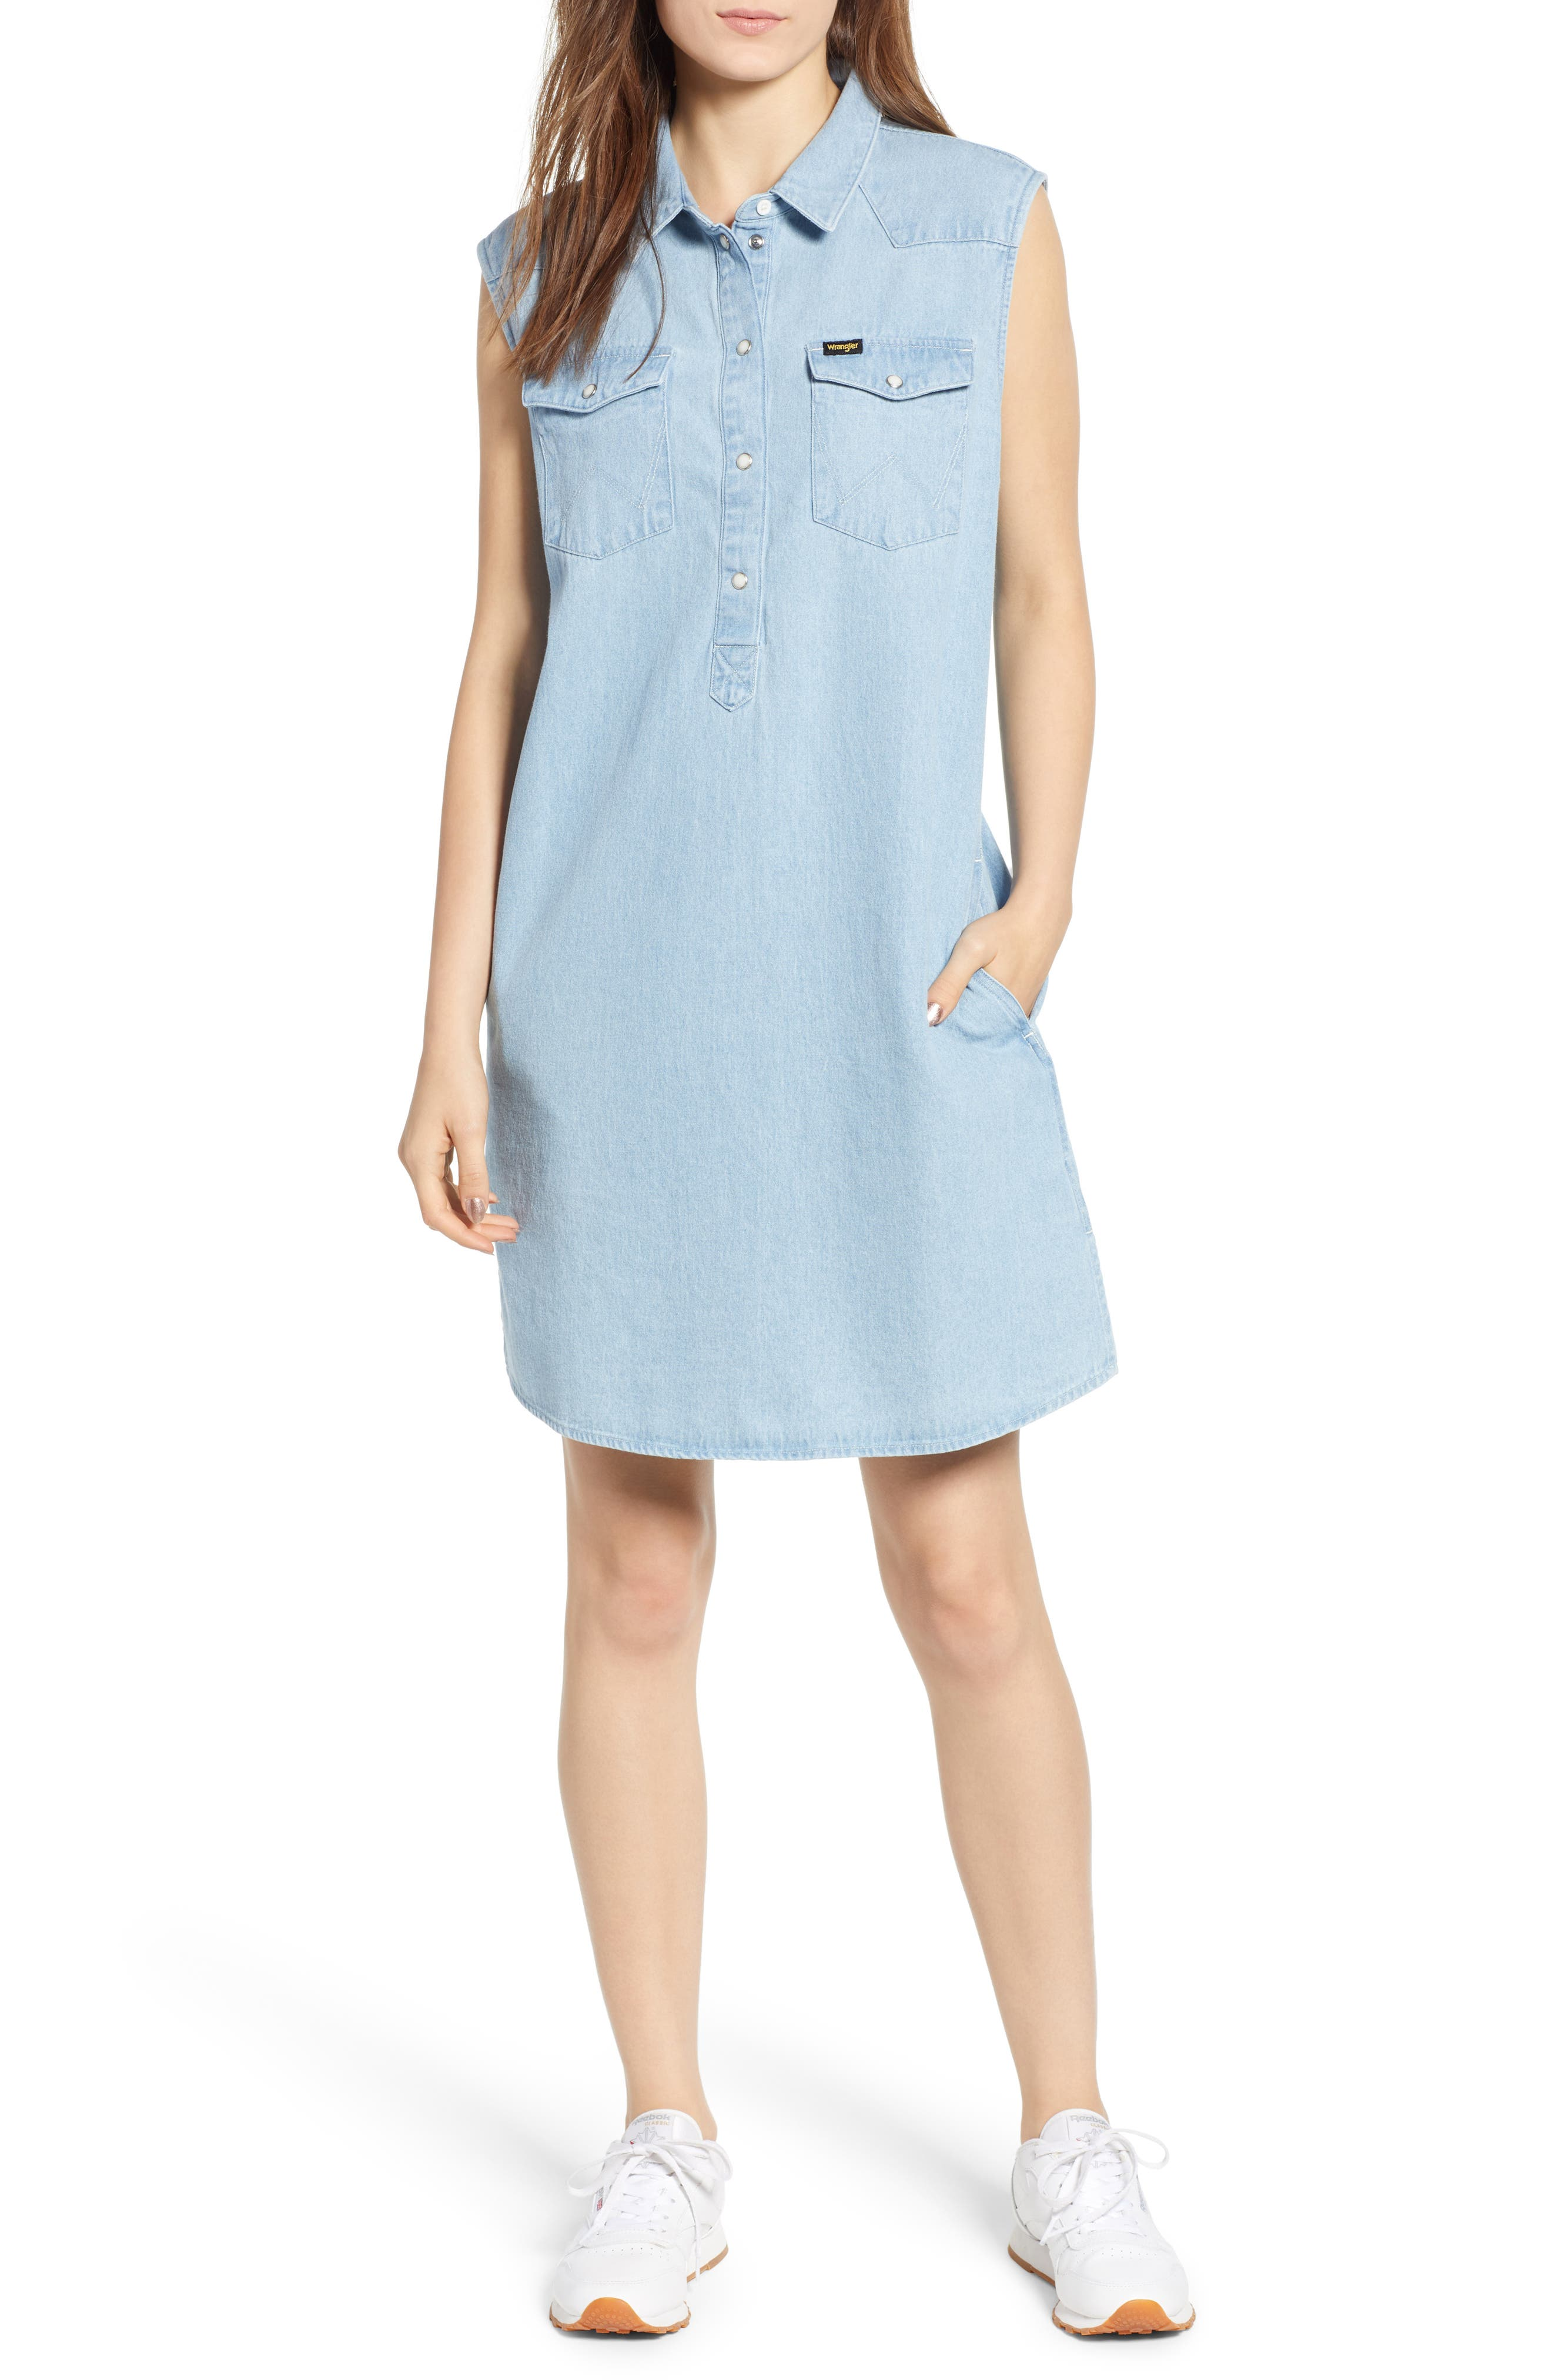 WRANGLER DENIM SHIFT DRESS